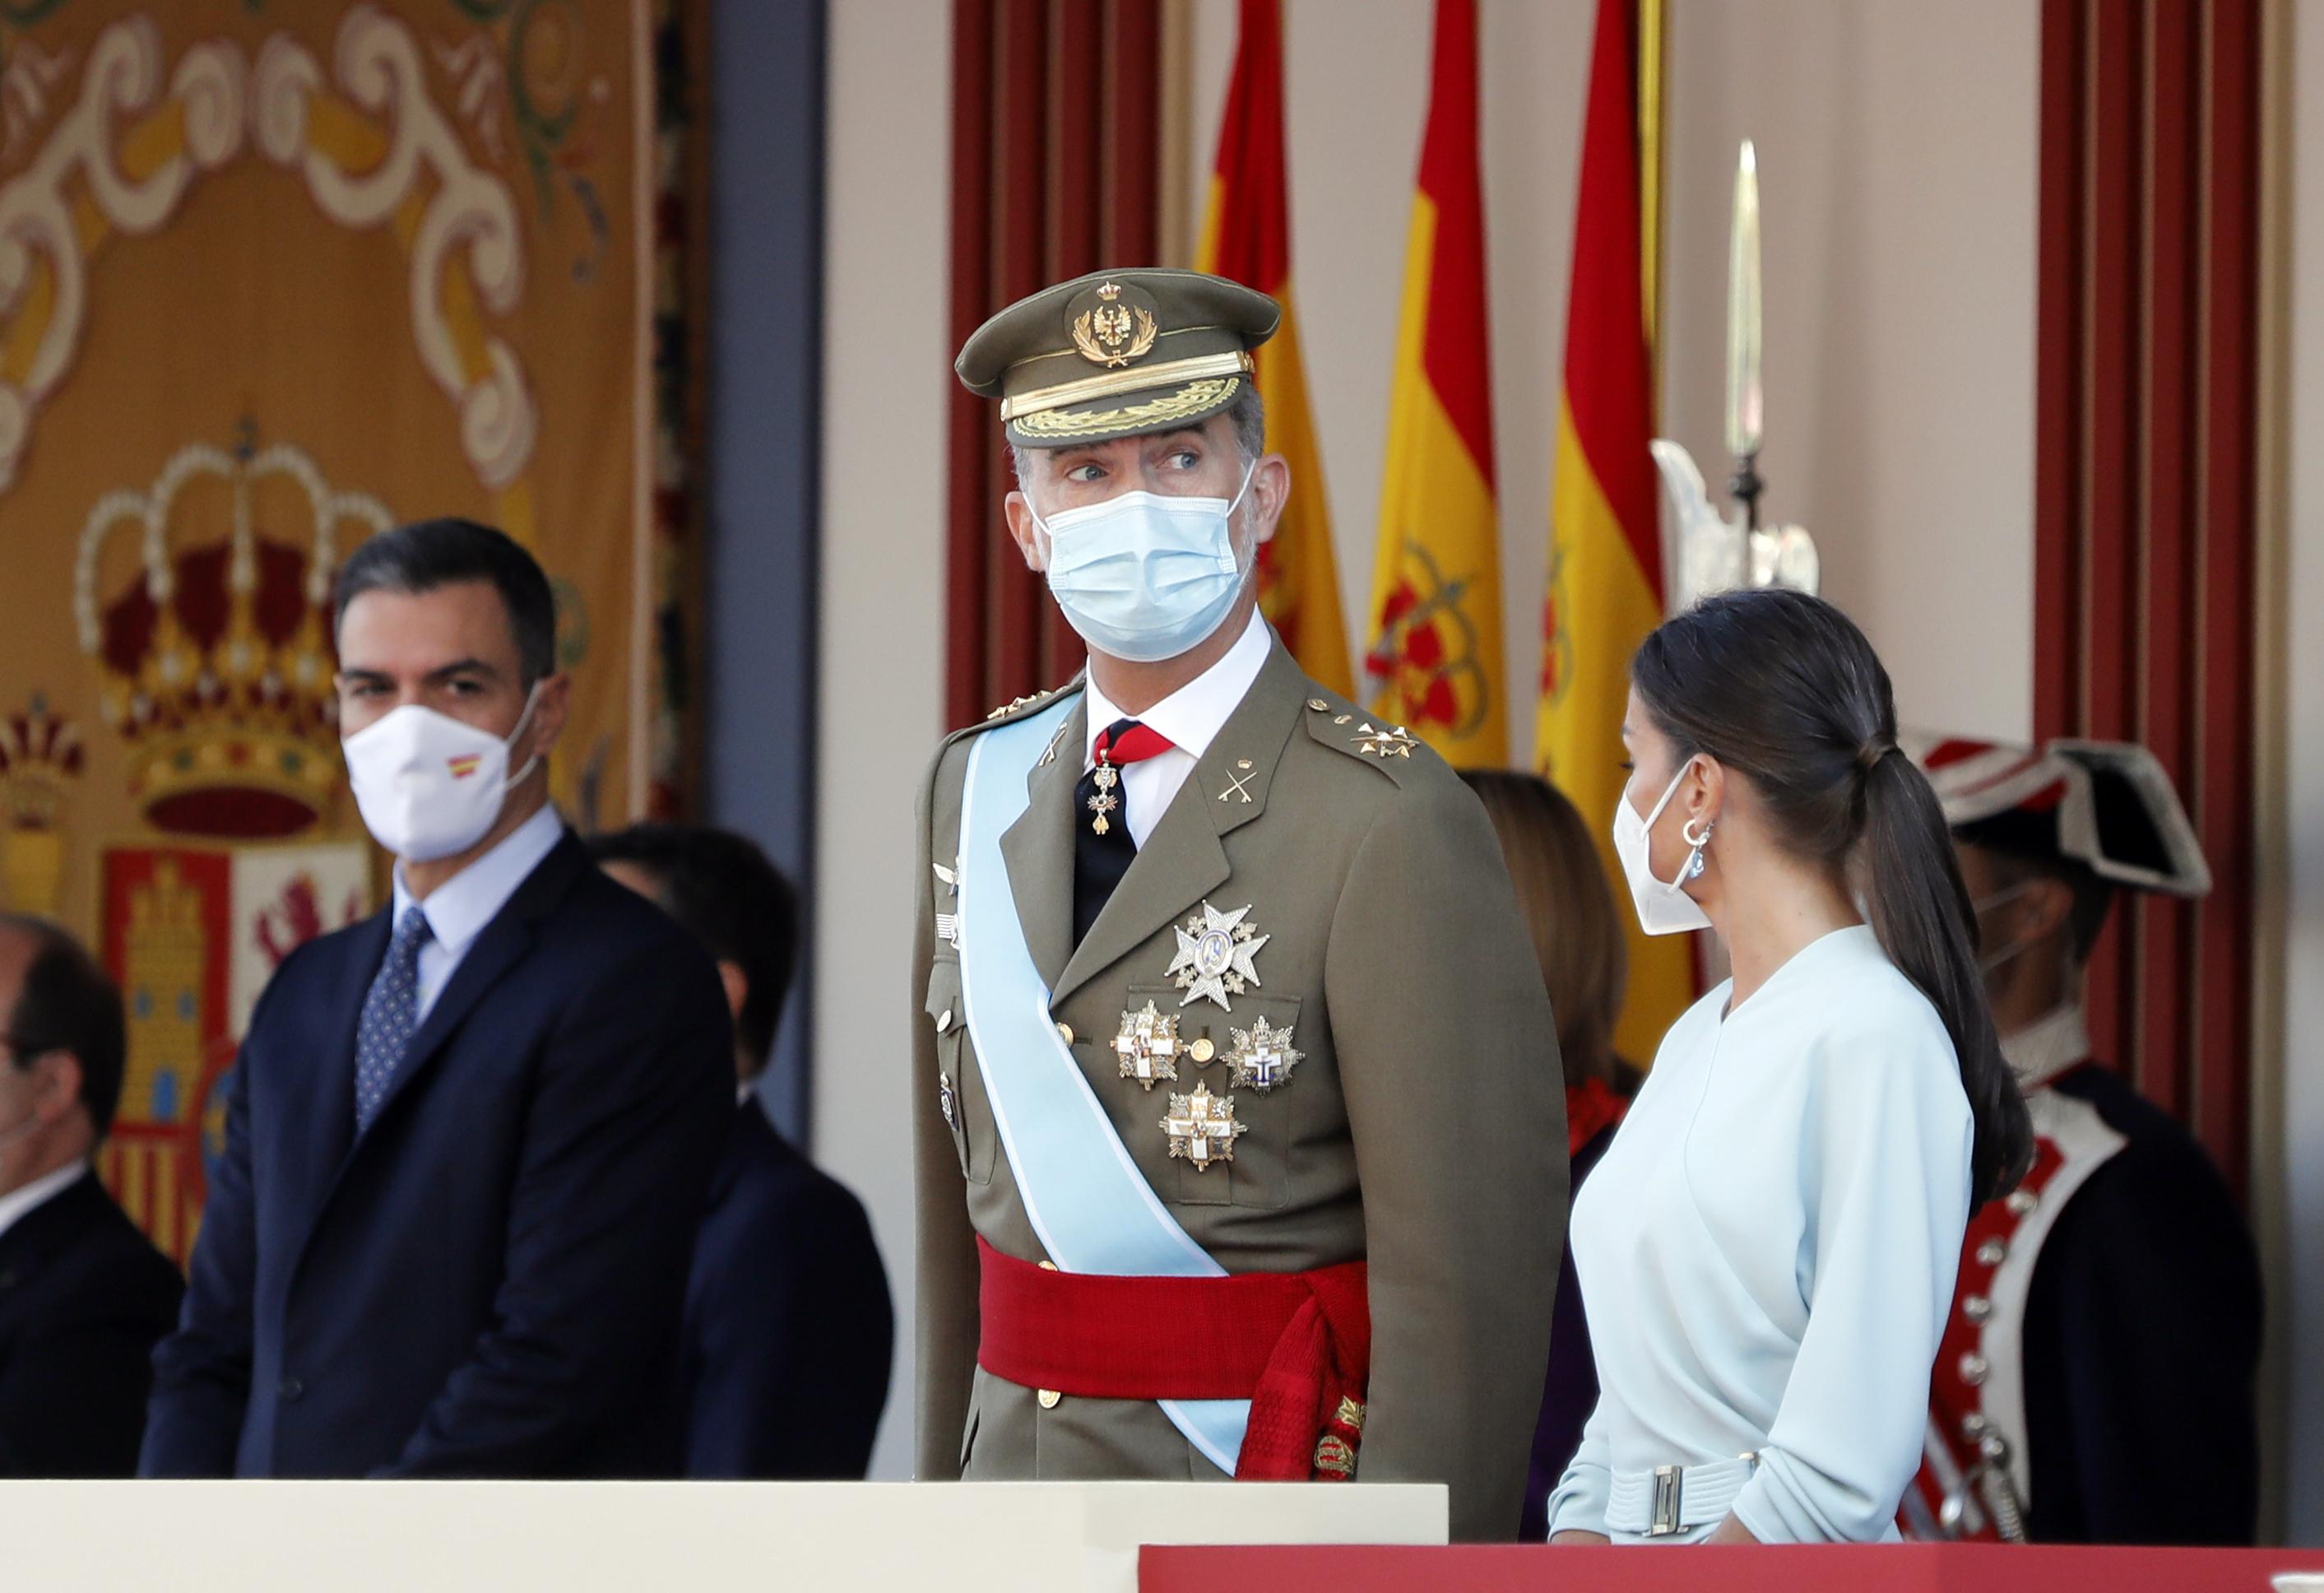 El Rey Felipe VI y la Reina Letizia, junto al presidente del Gobierno, Pedro Sánchez.